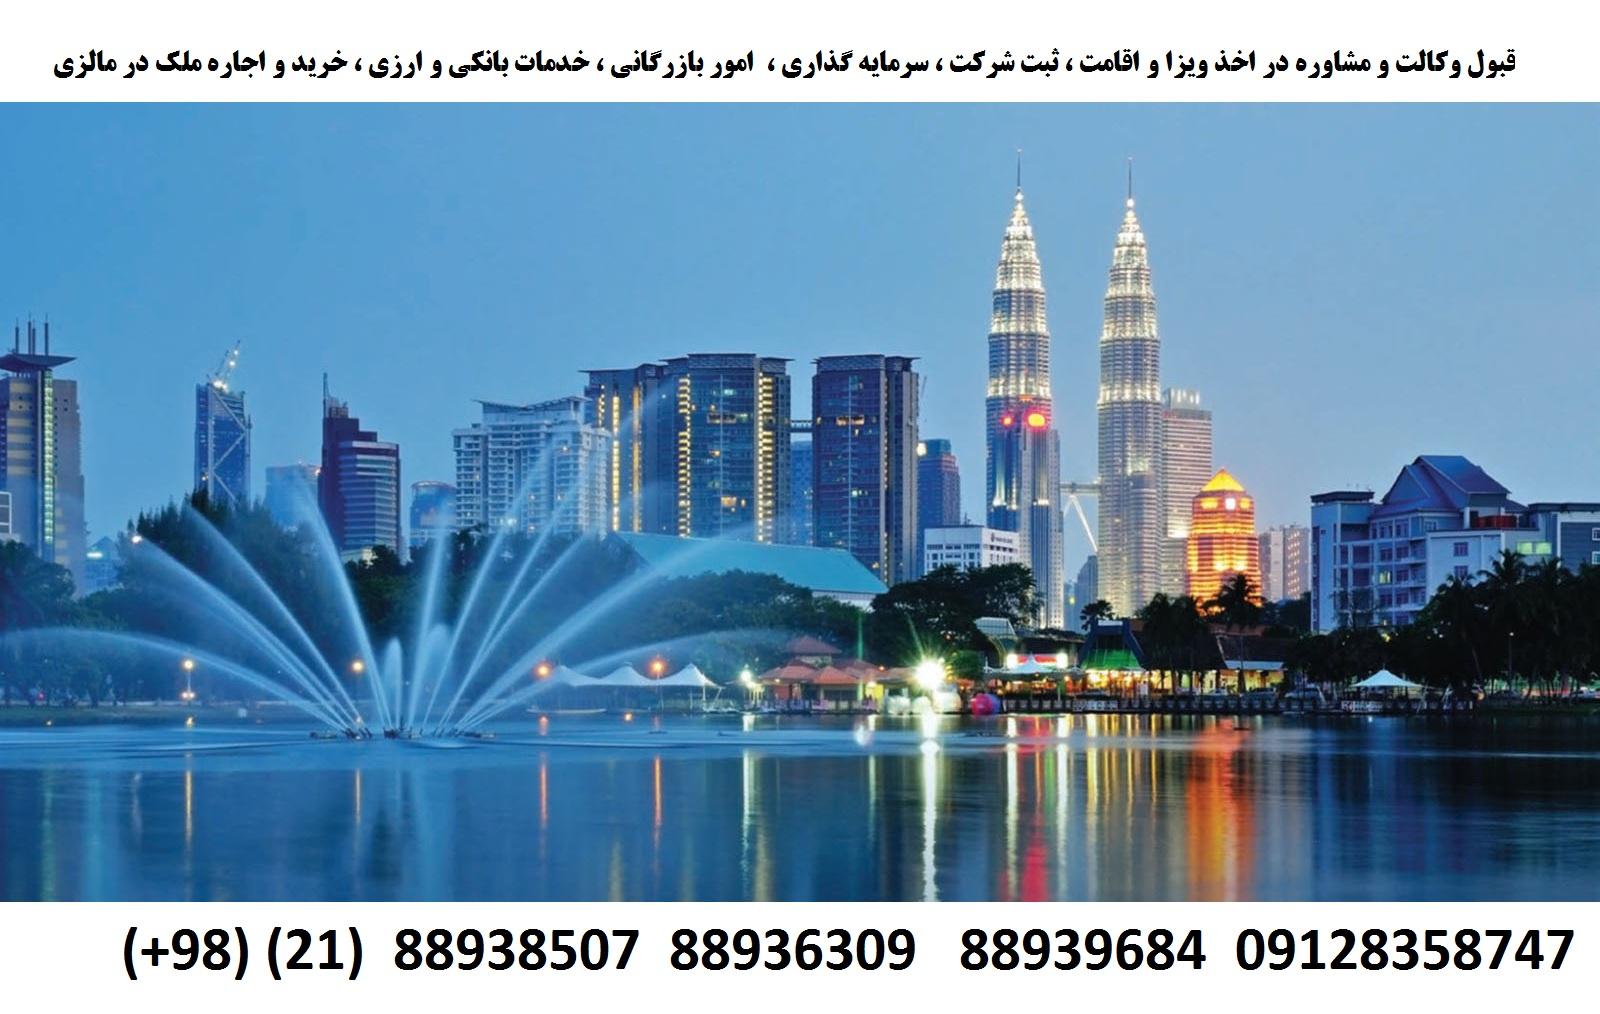 اقامت ، ویزا ،ثبت شرکت ، سرمایه گذاری در مالزی (3)